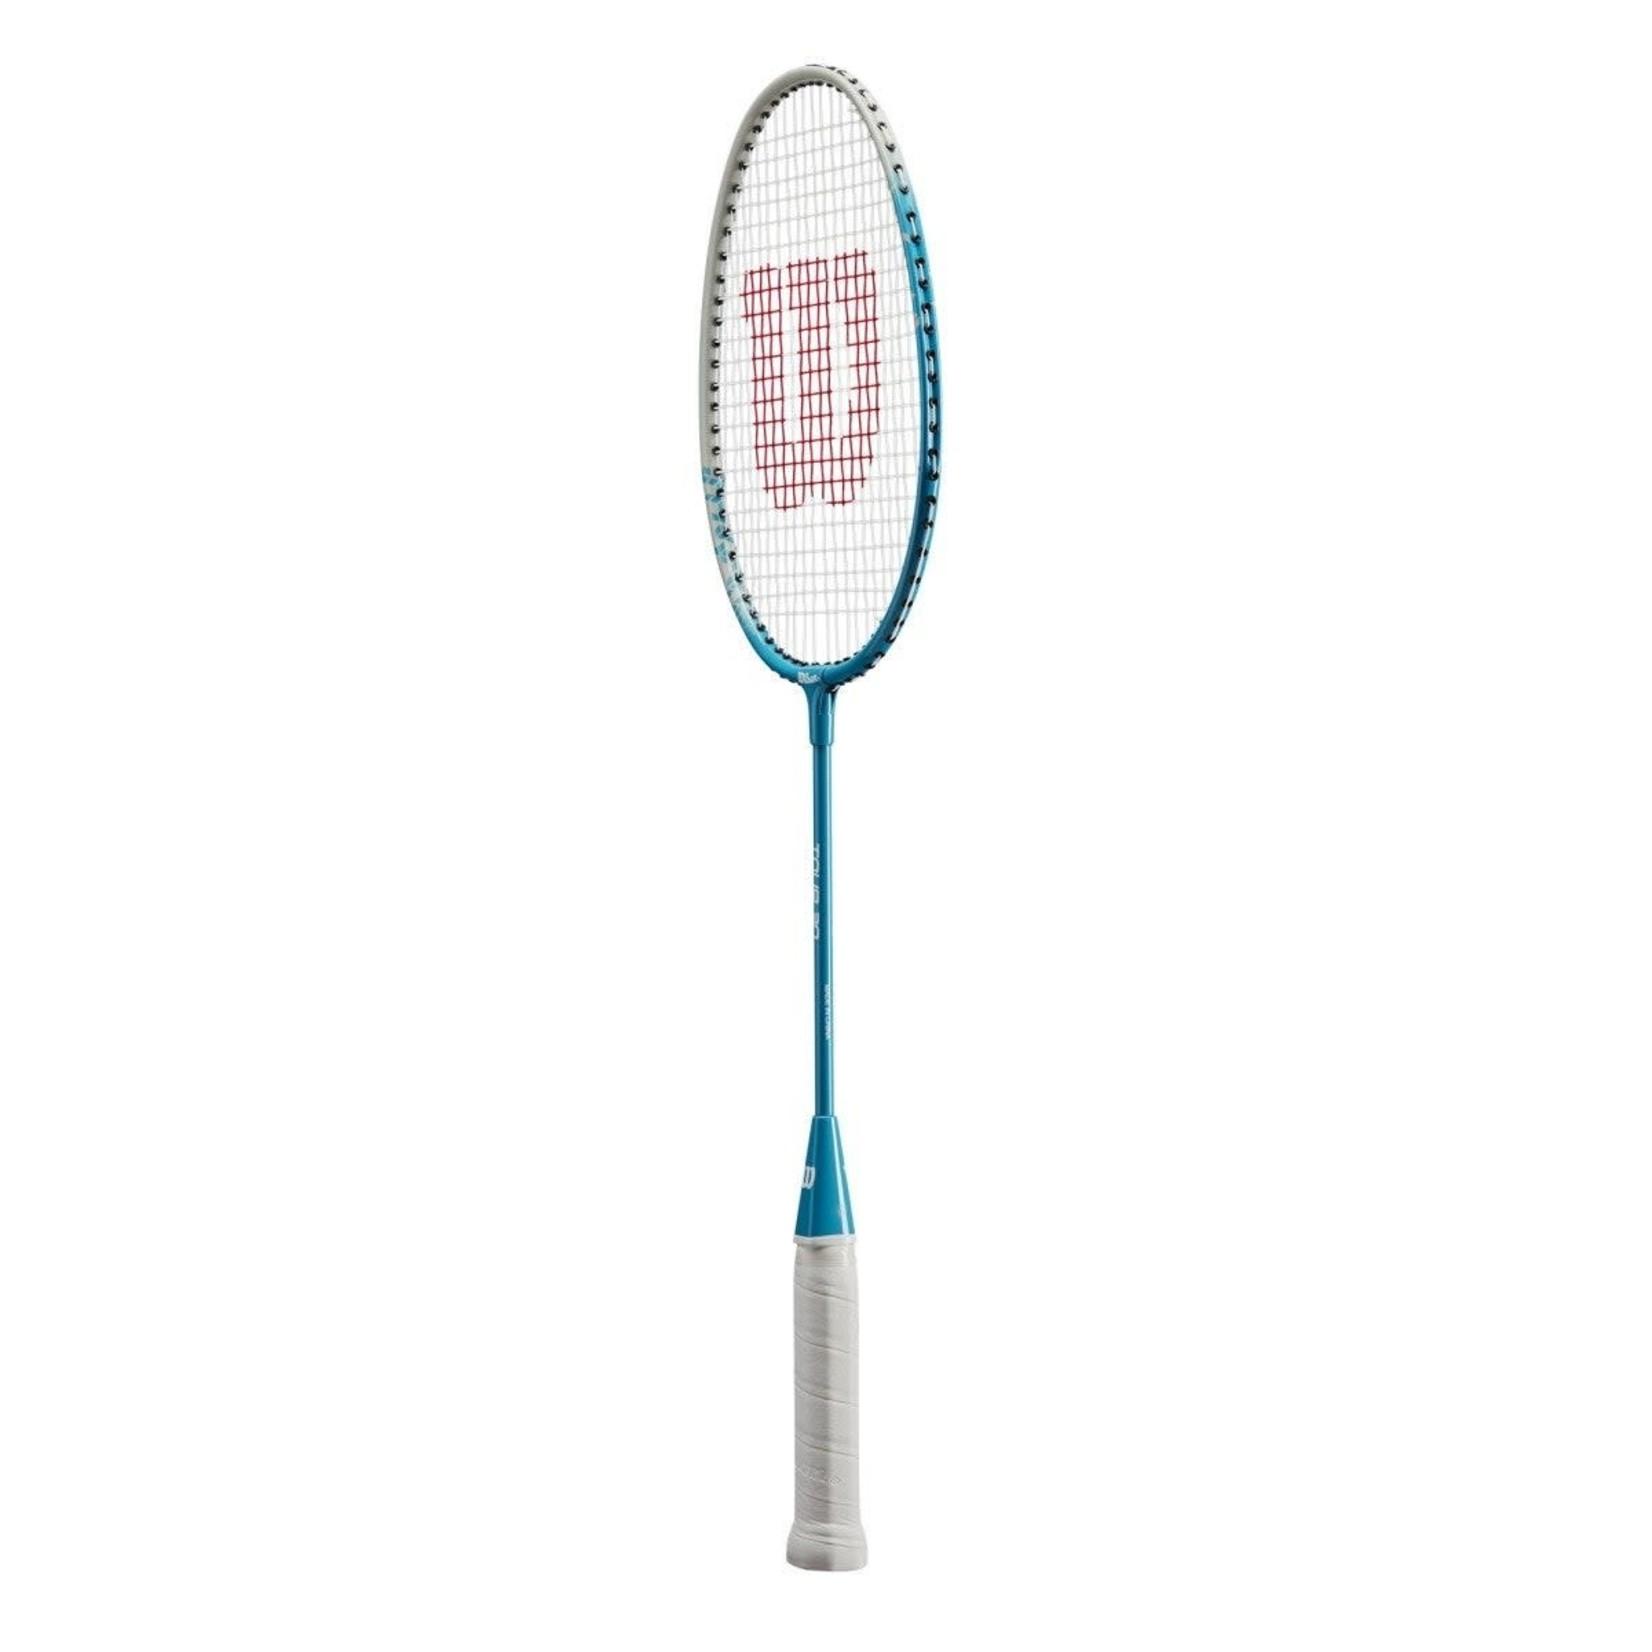 Wilson Raquette De Badminton Tour 30